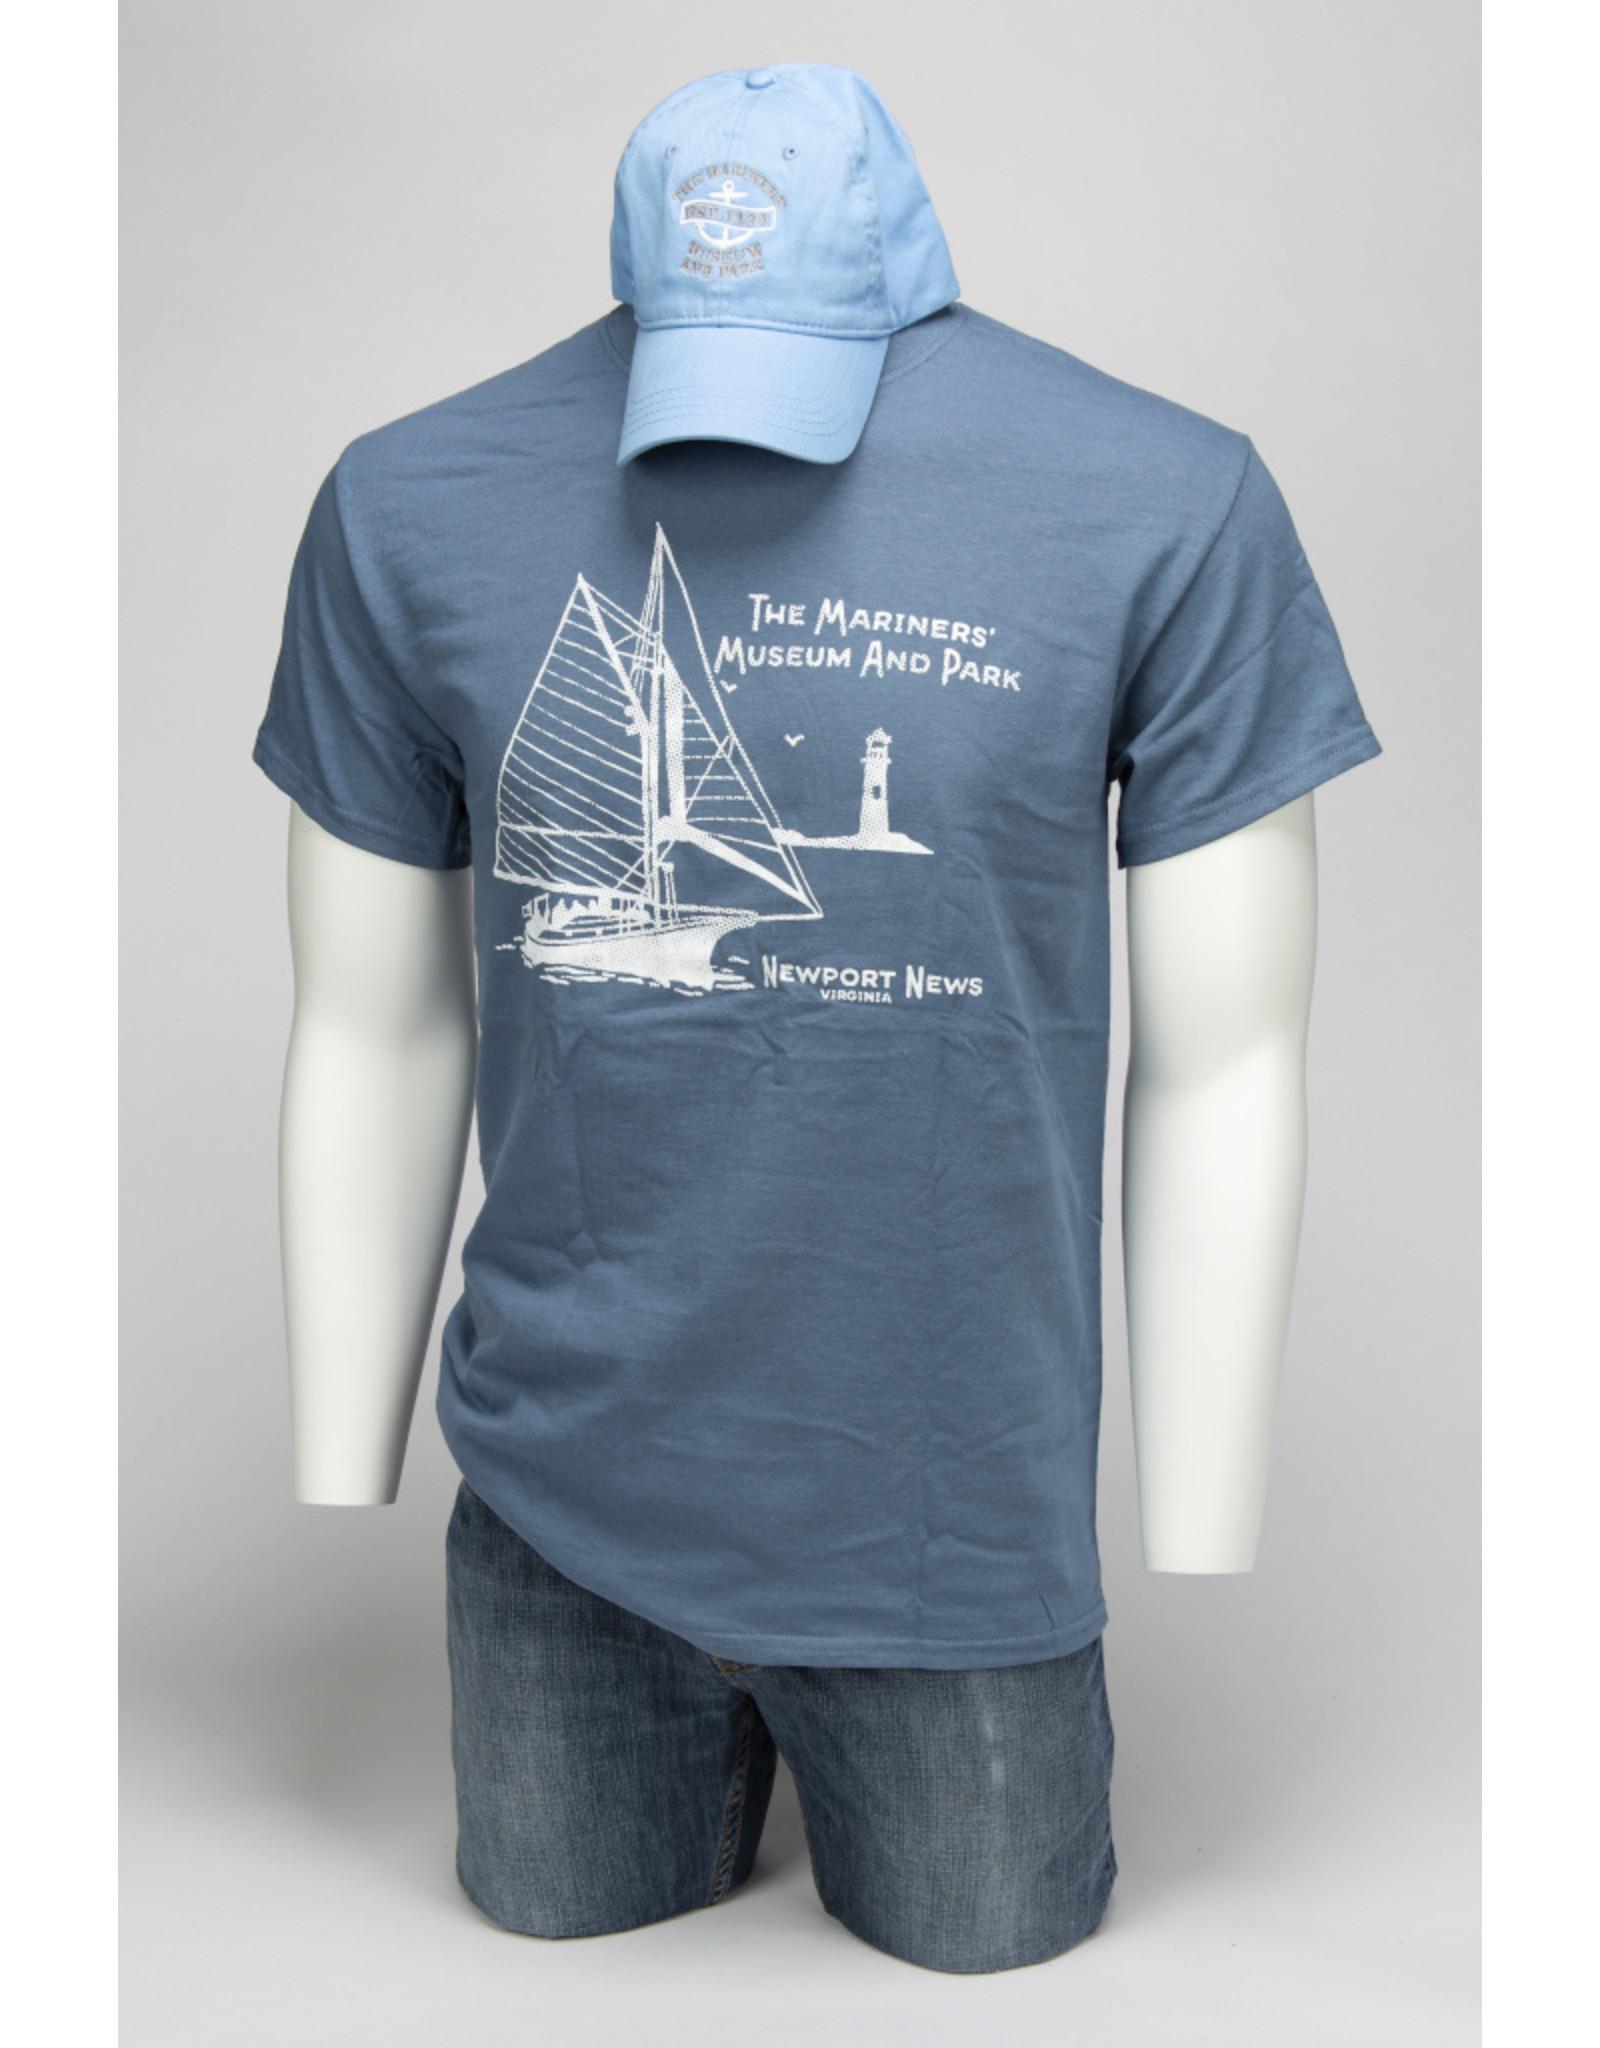 Cap and Ship Shirt Combo